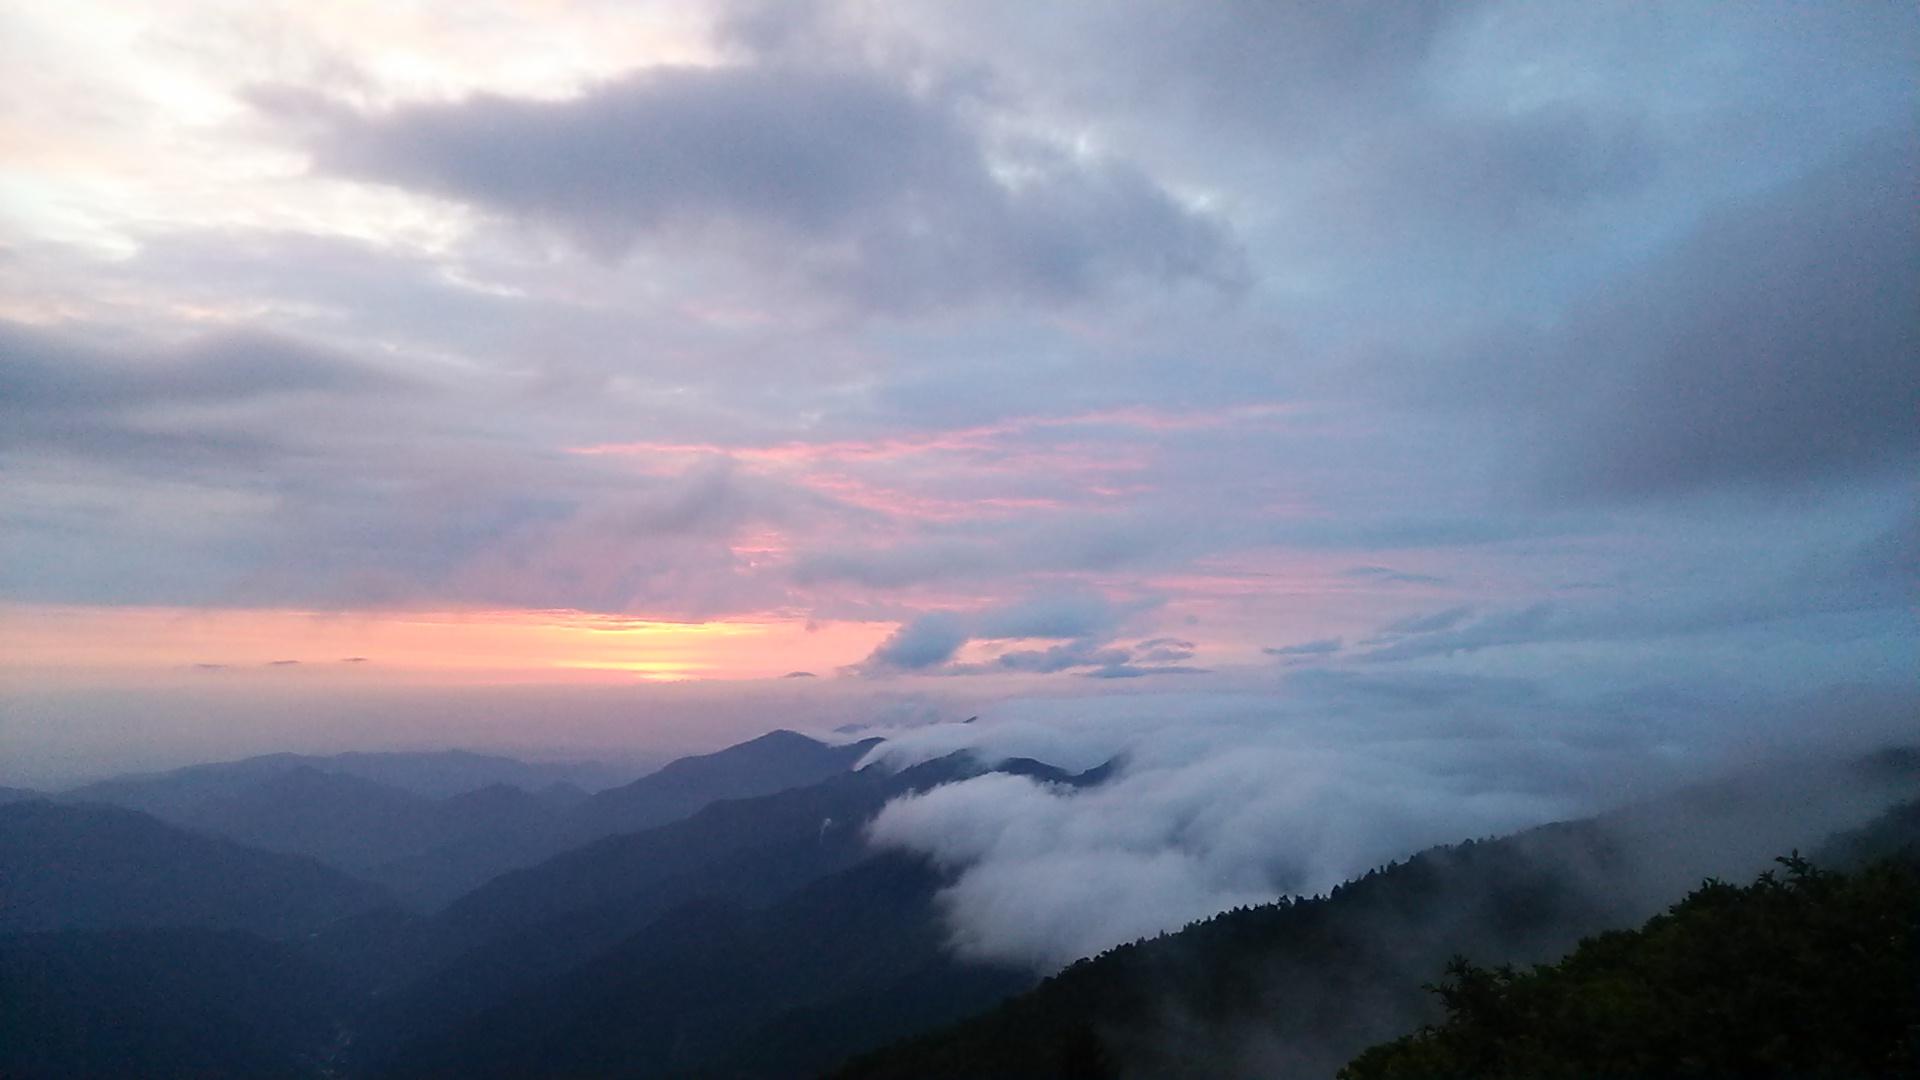 6月12日 朝の気温12度。現在 日が射しています。梅雨の間のめっけものです。_c0089831_6404516.jpg